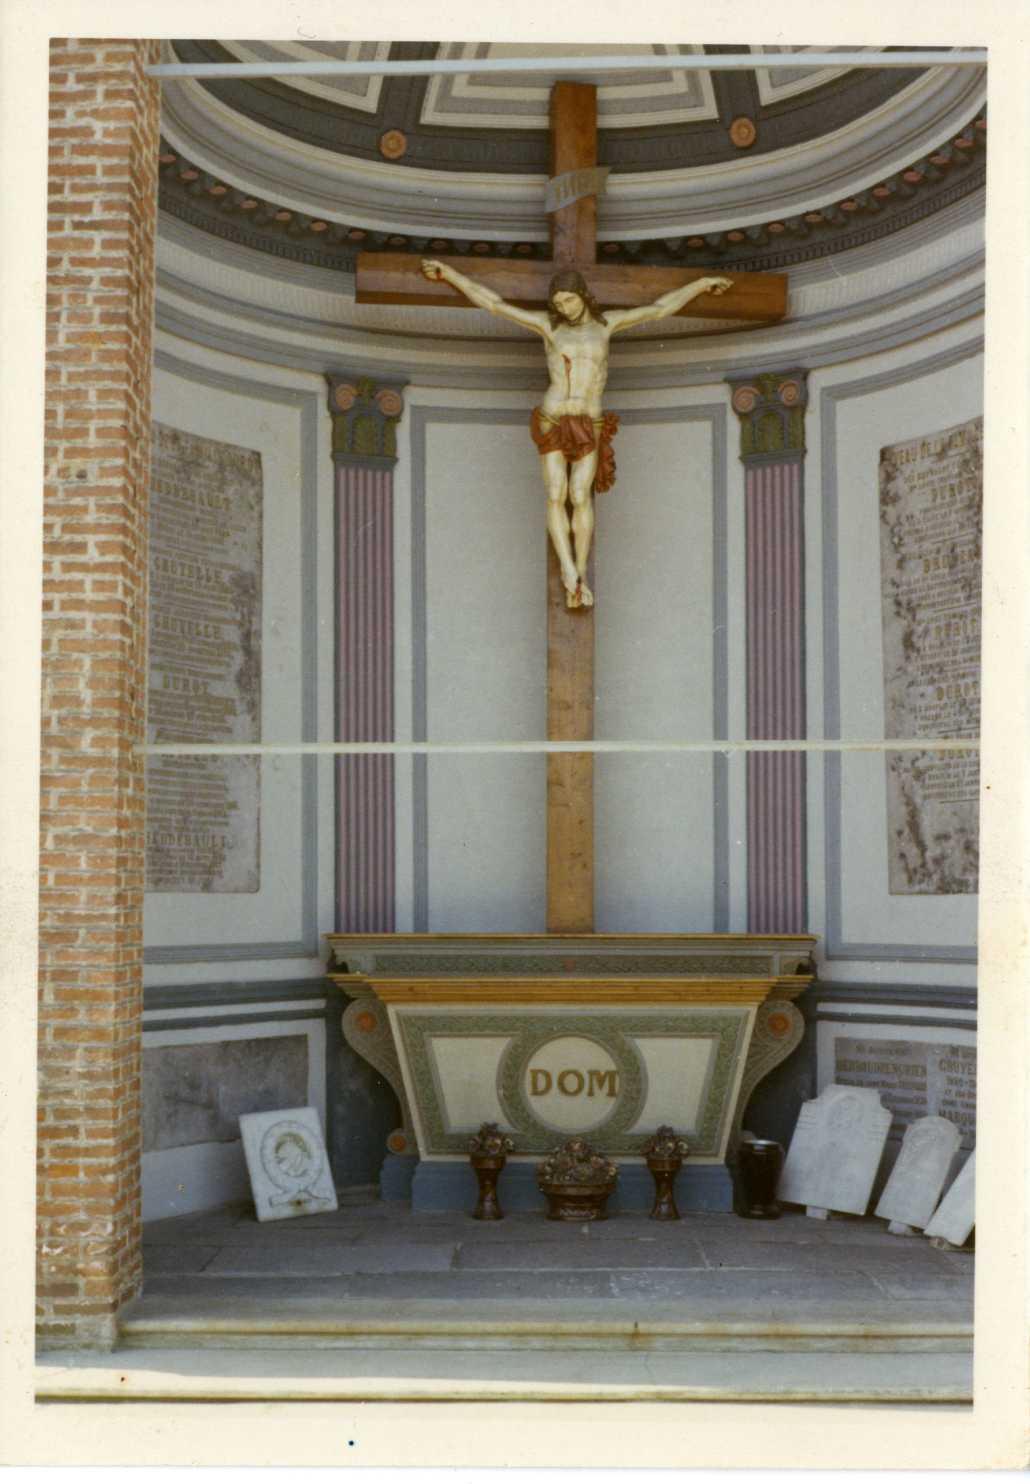 La chapelle familiale Heddebault-Gruyelle (Houplin-Ancoisne) cliché pris dans les années 1970